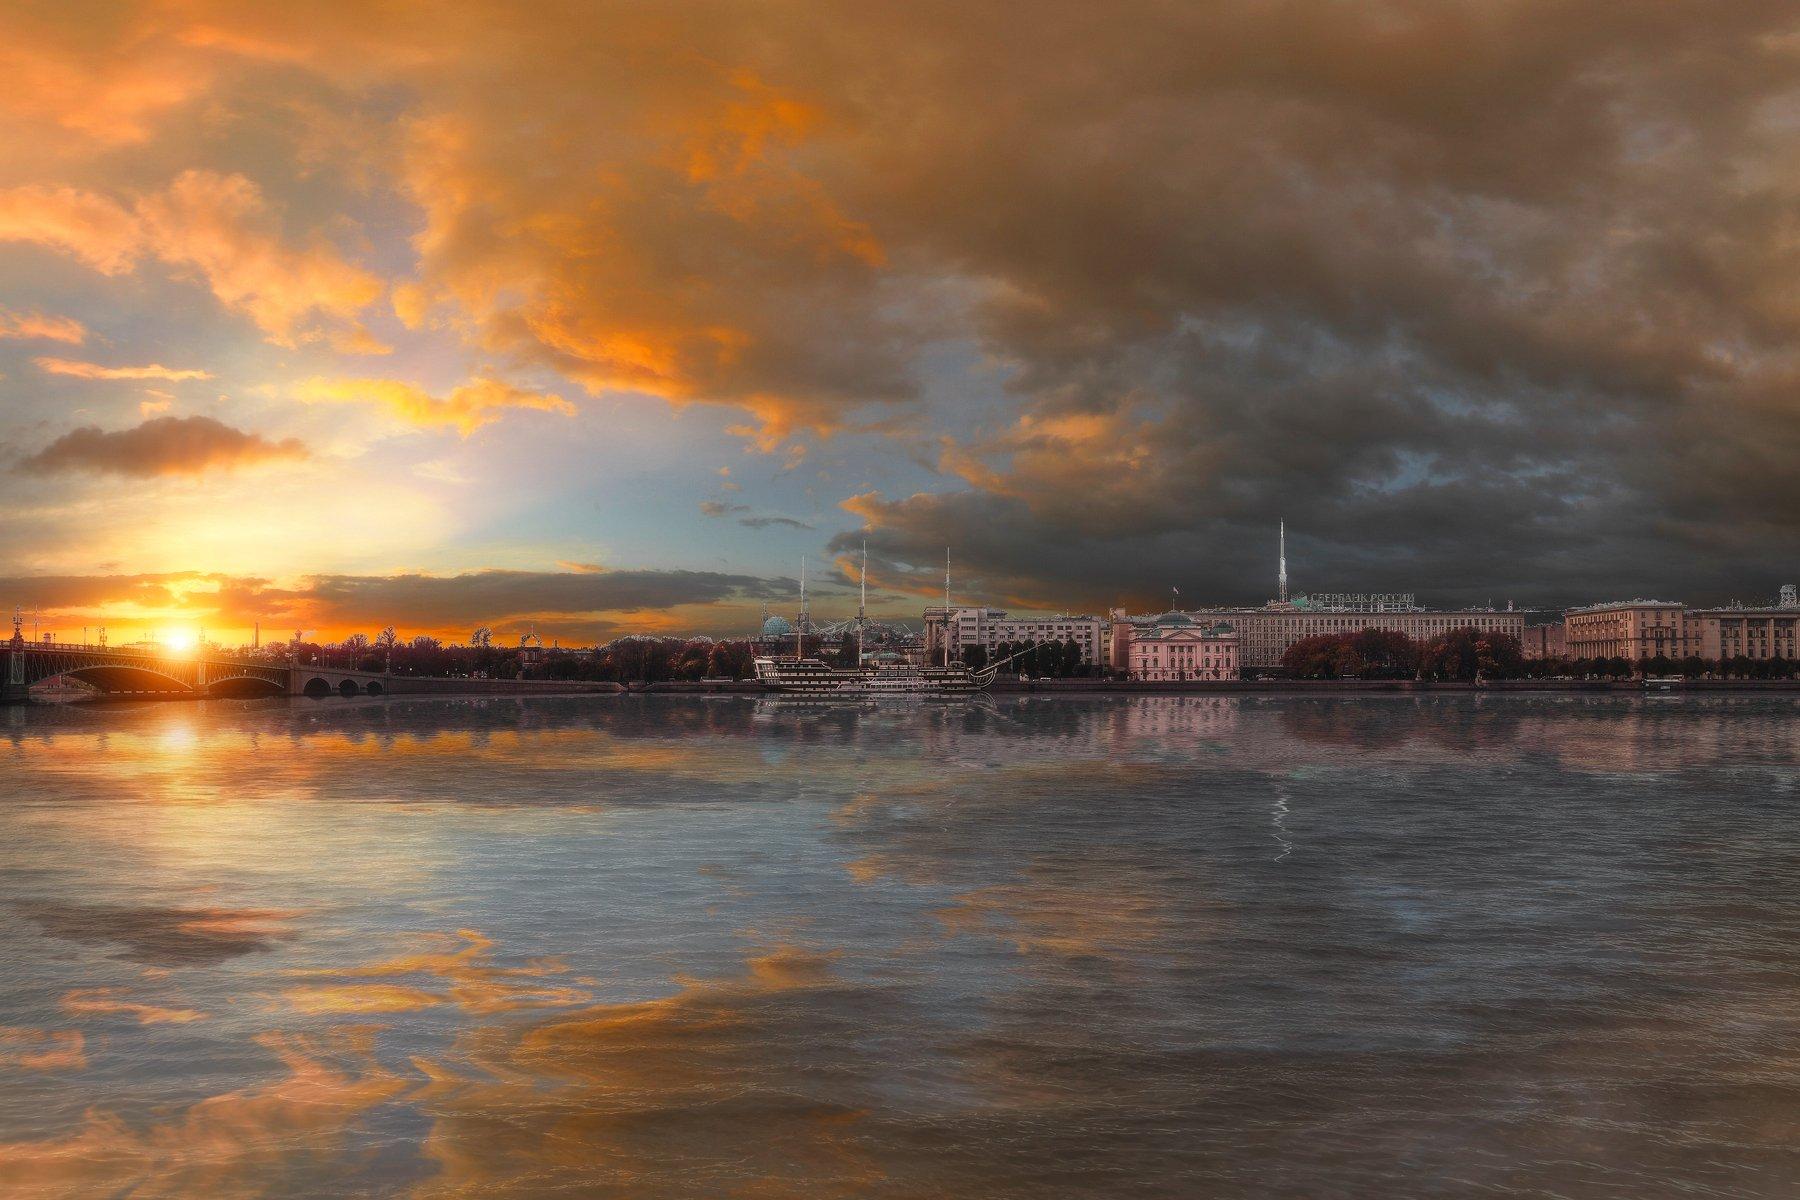 спб, осень, город, city, landscape, russia, россия, river, lake, cloud, sky, amazing,, Михайлов Андрей